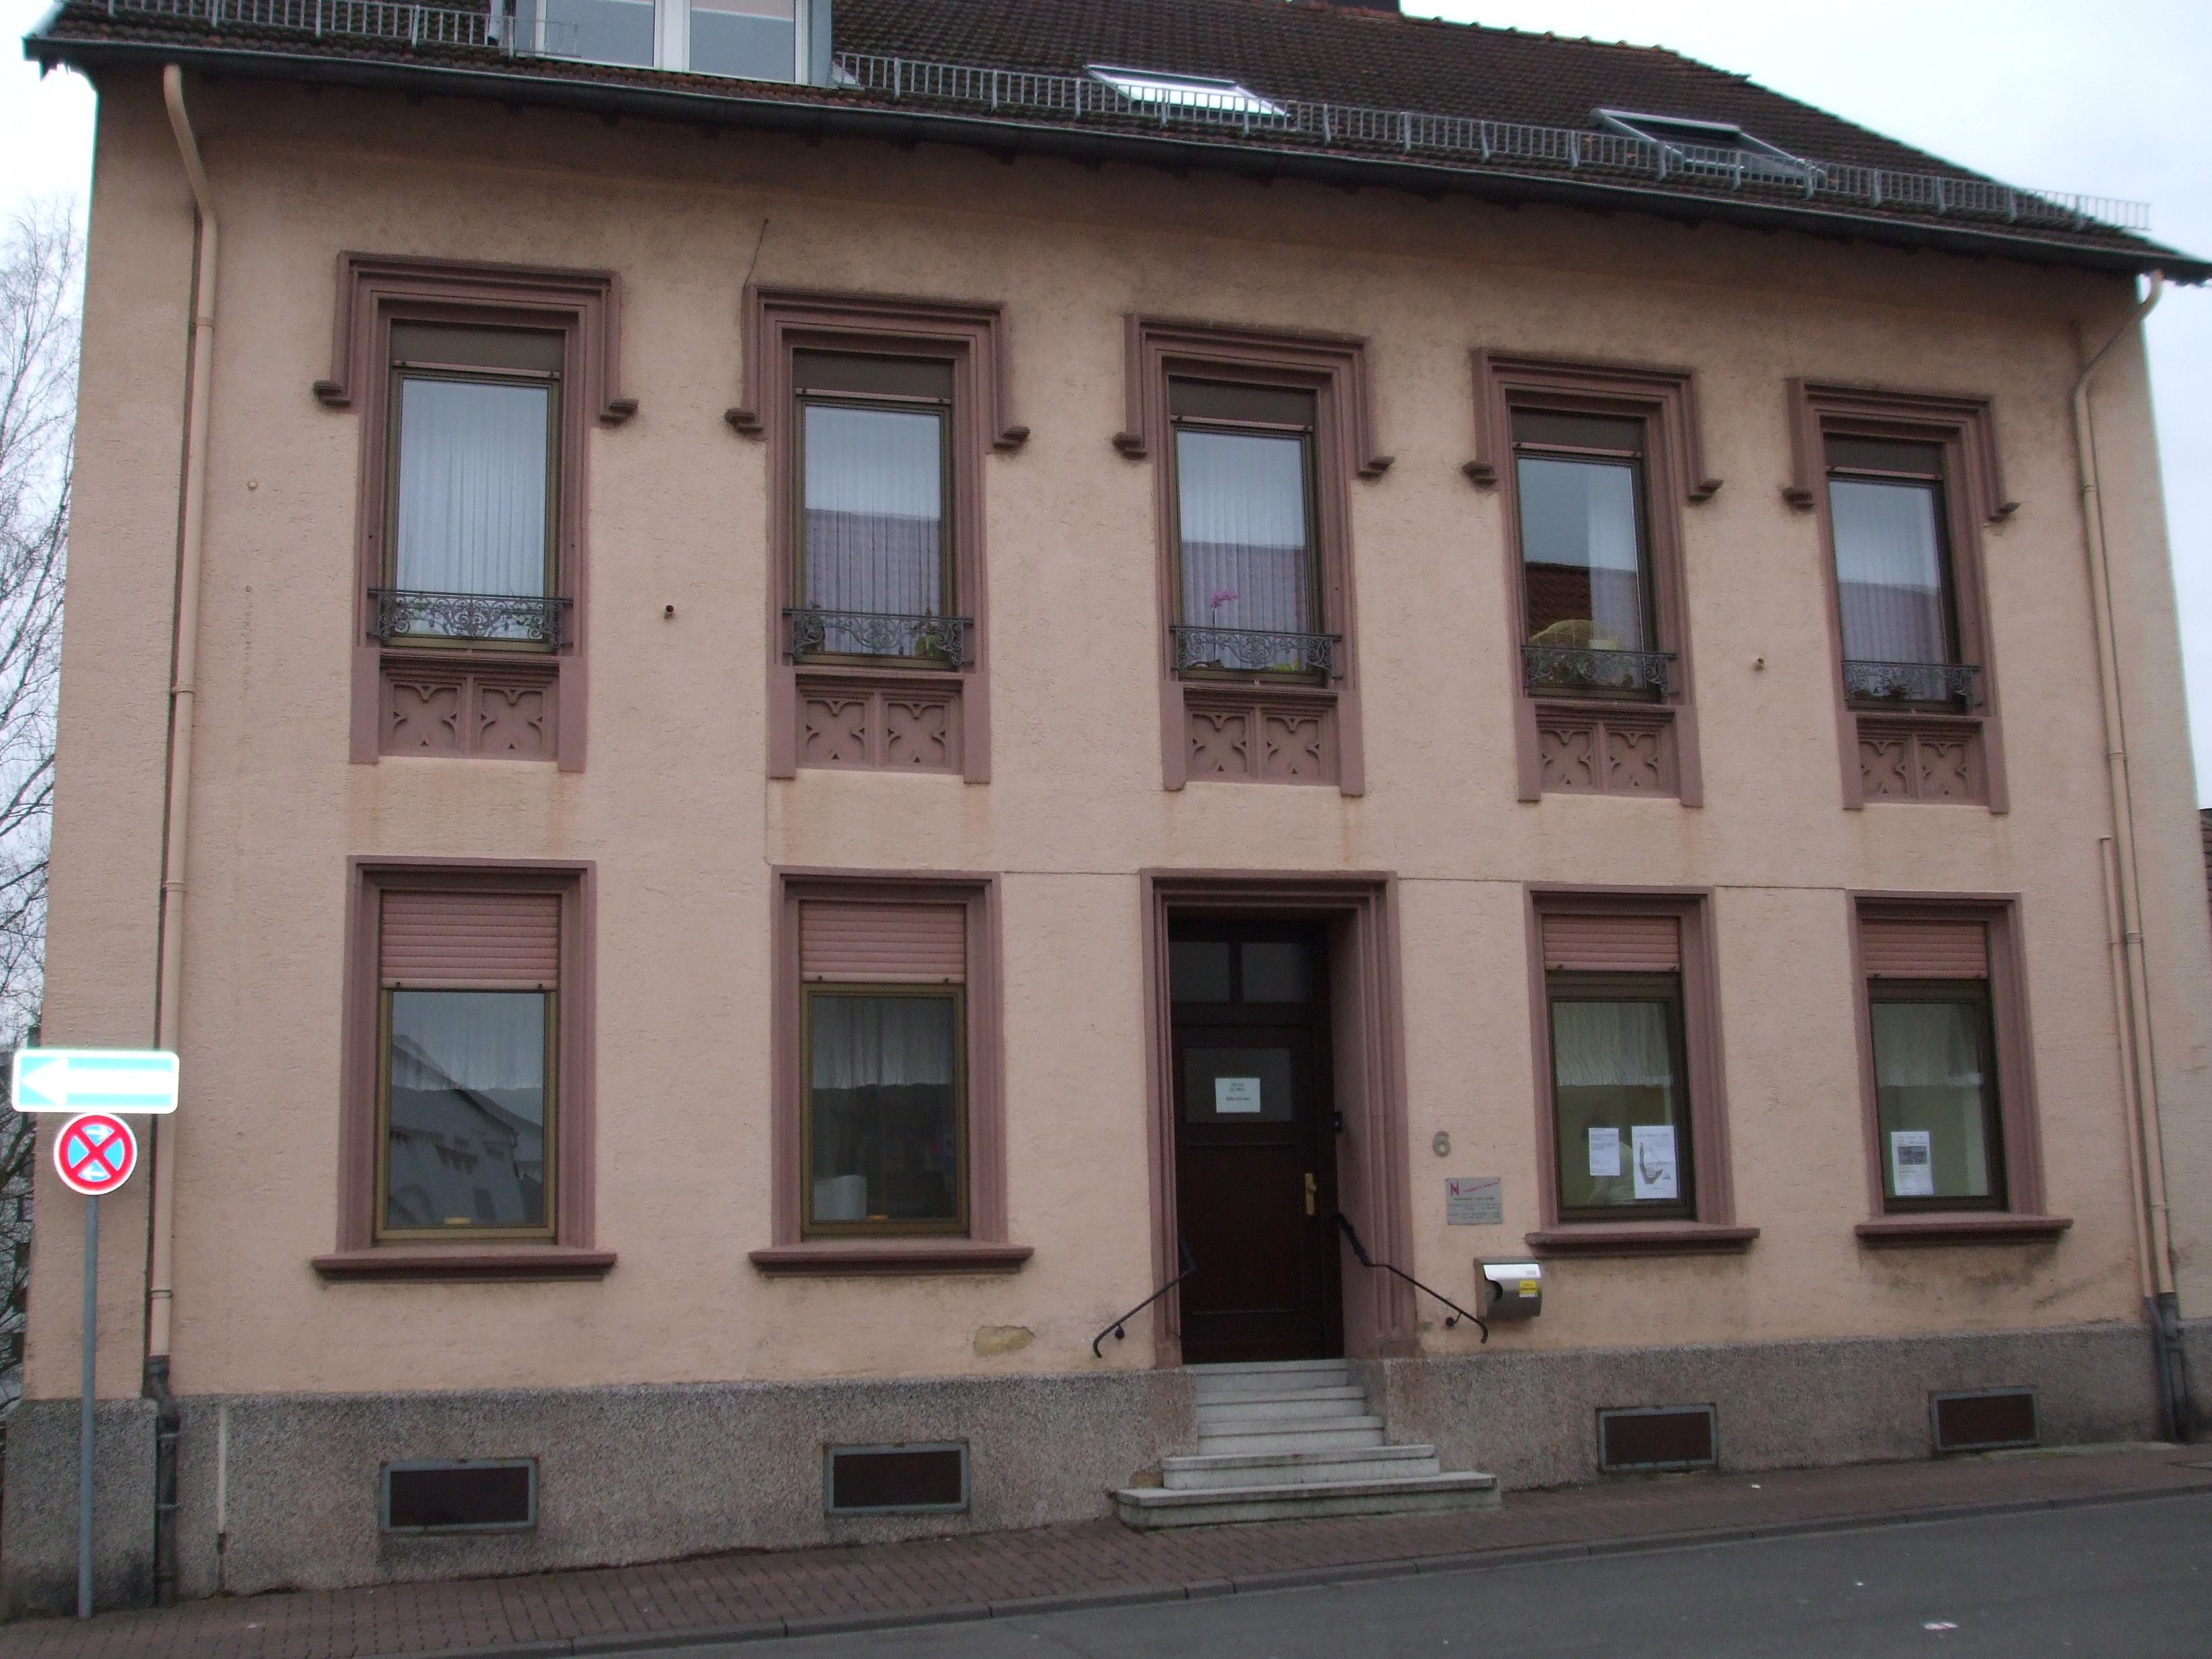 Gemeindeamt - Neunkirchen